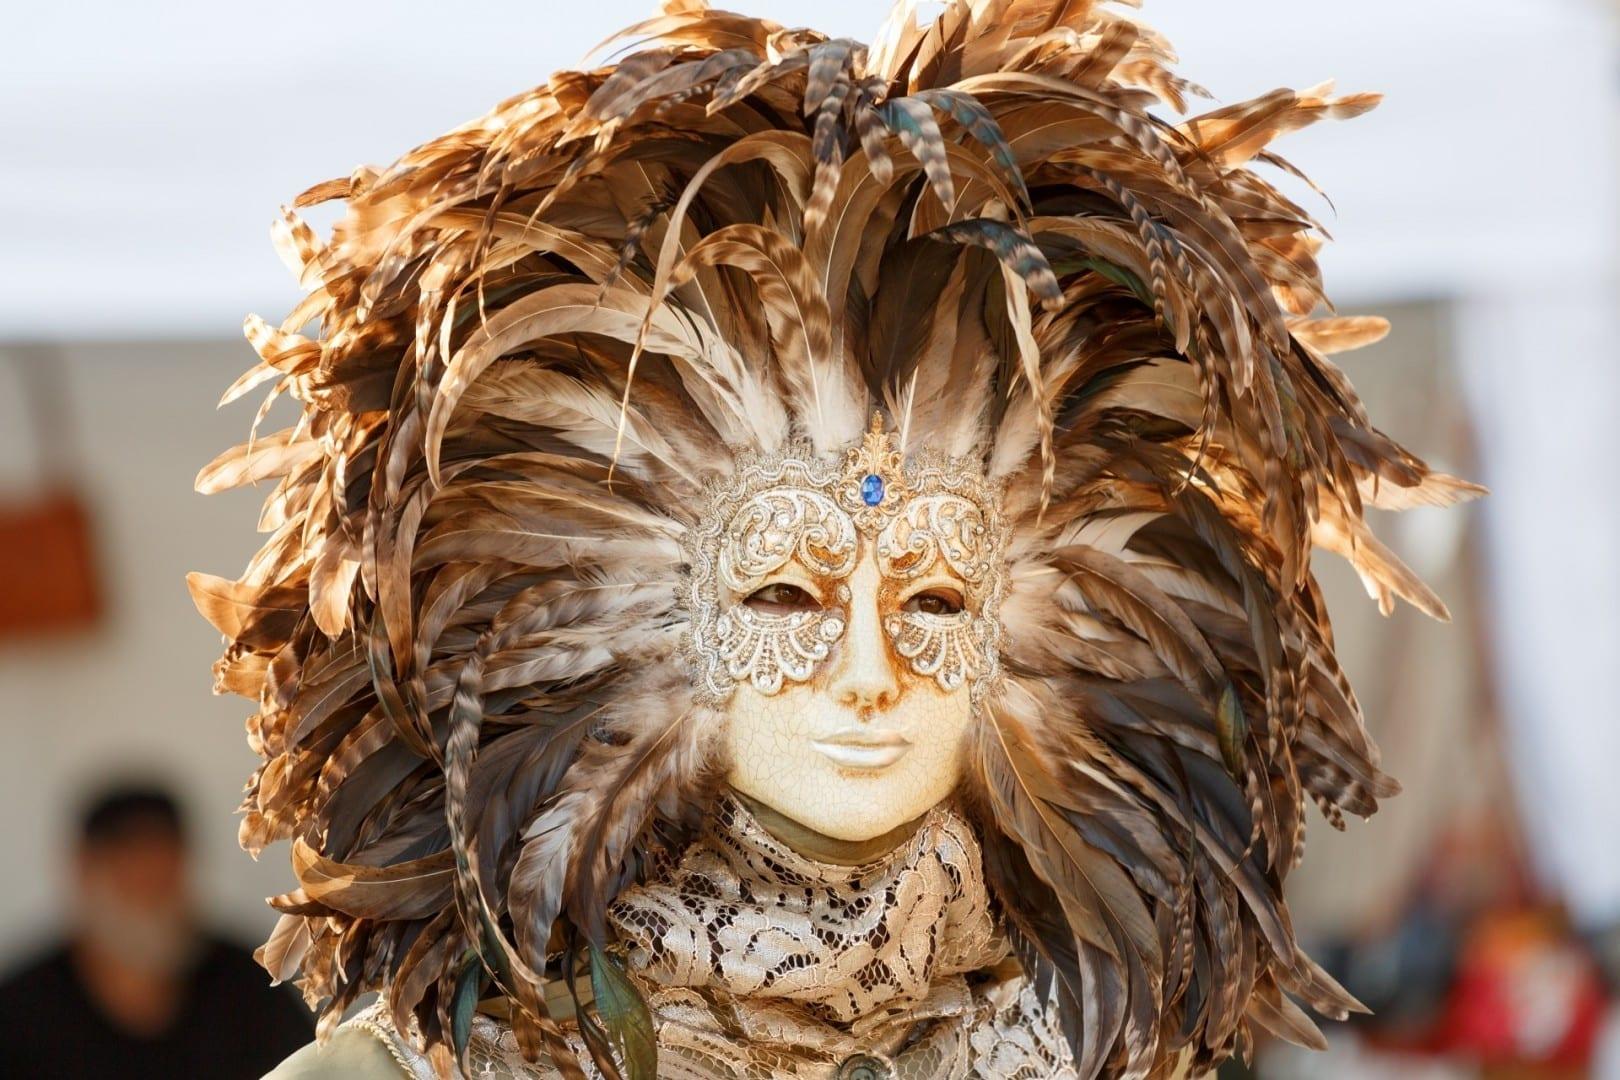 La Feria de Venecia es un lugar de encuentro para todos los que aman las mascaradas. Luisburgo Alemania